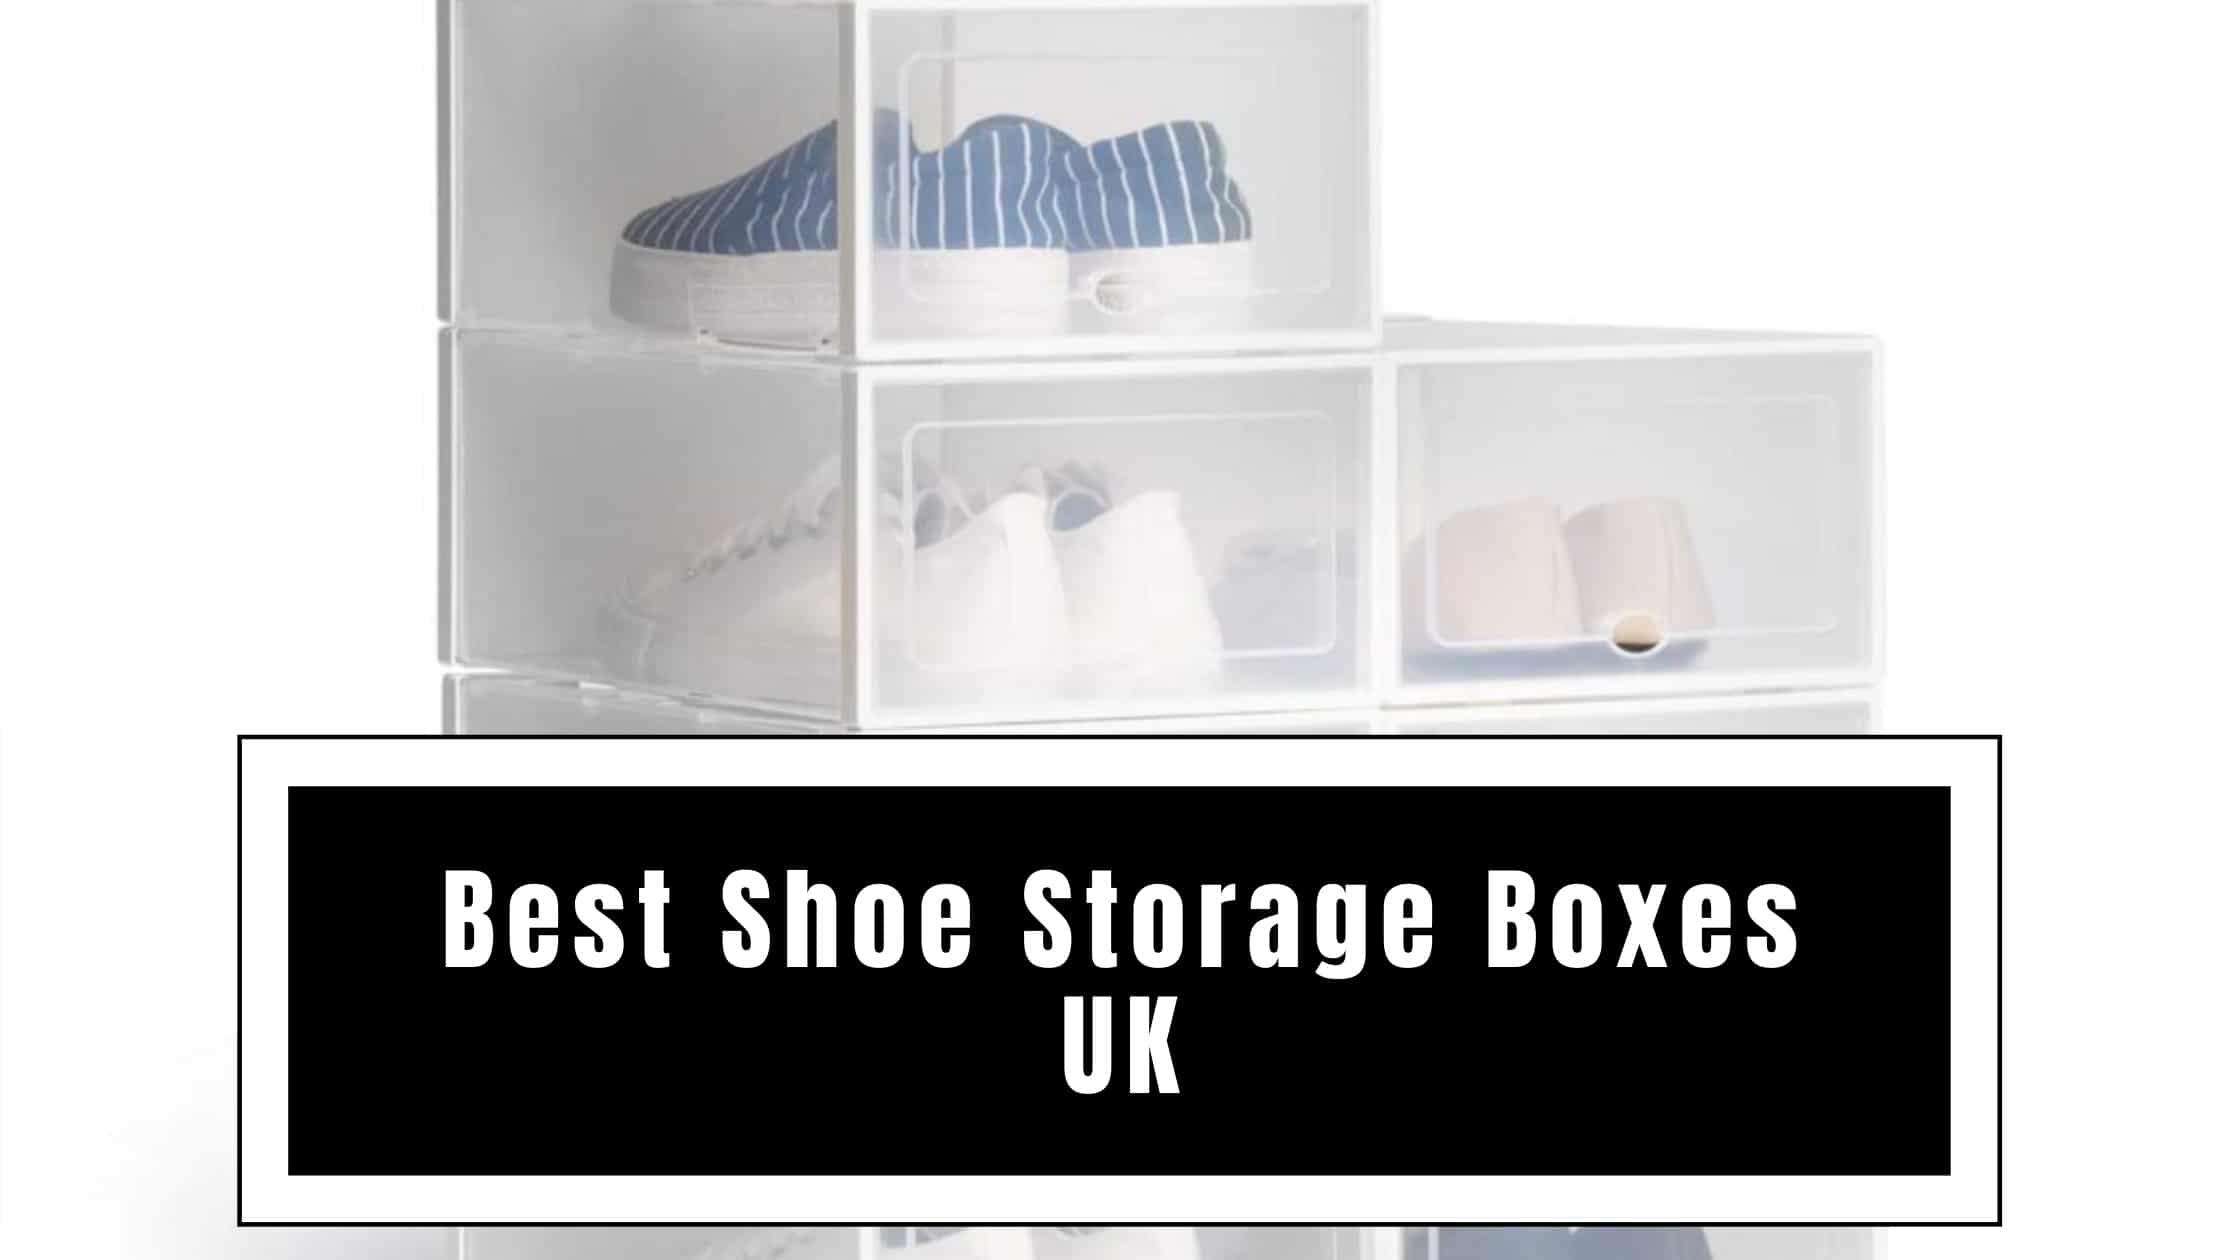 Best Shoe Storage Boxes UK